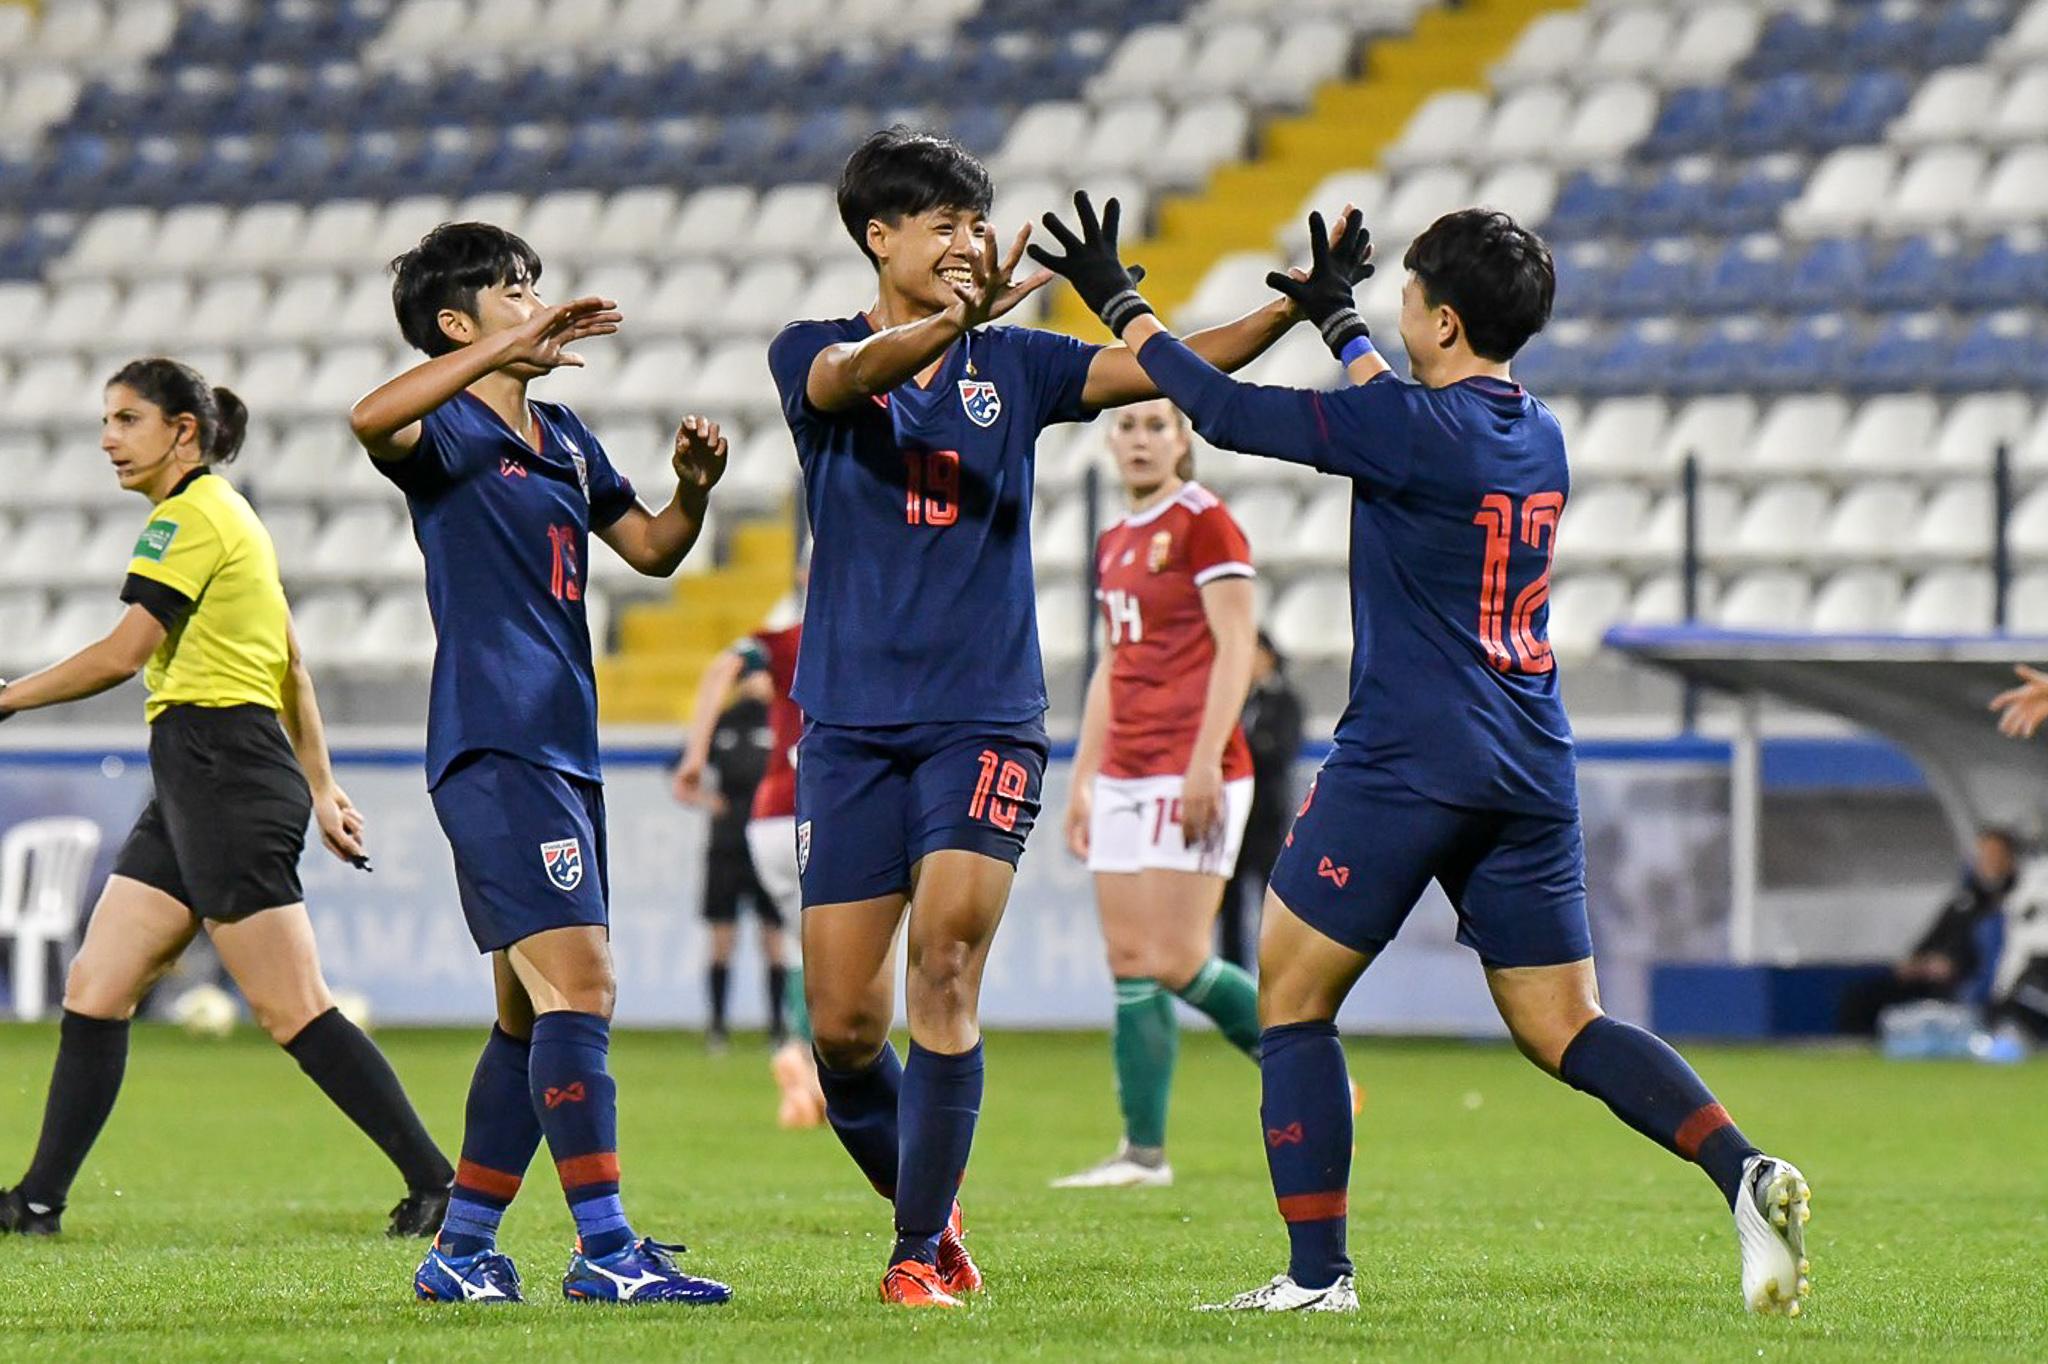 ฟุตบอลหญิงทีมชาติไทย สุชาวดี นิลธำรงค์ อรทัย ศรีมะณี ไซปรัส คัพ 2019